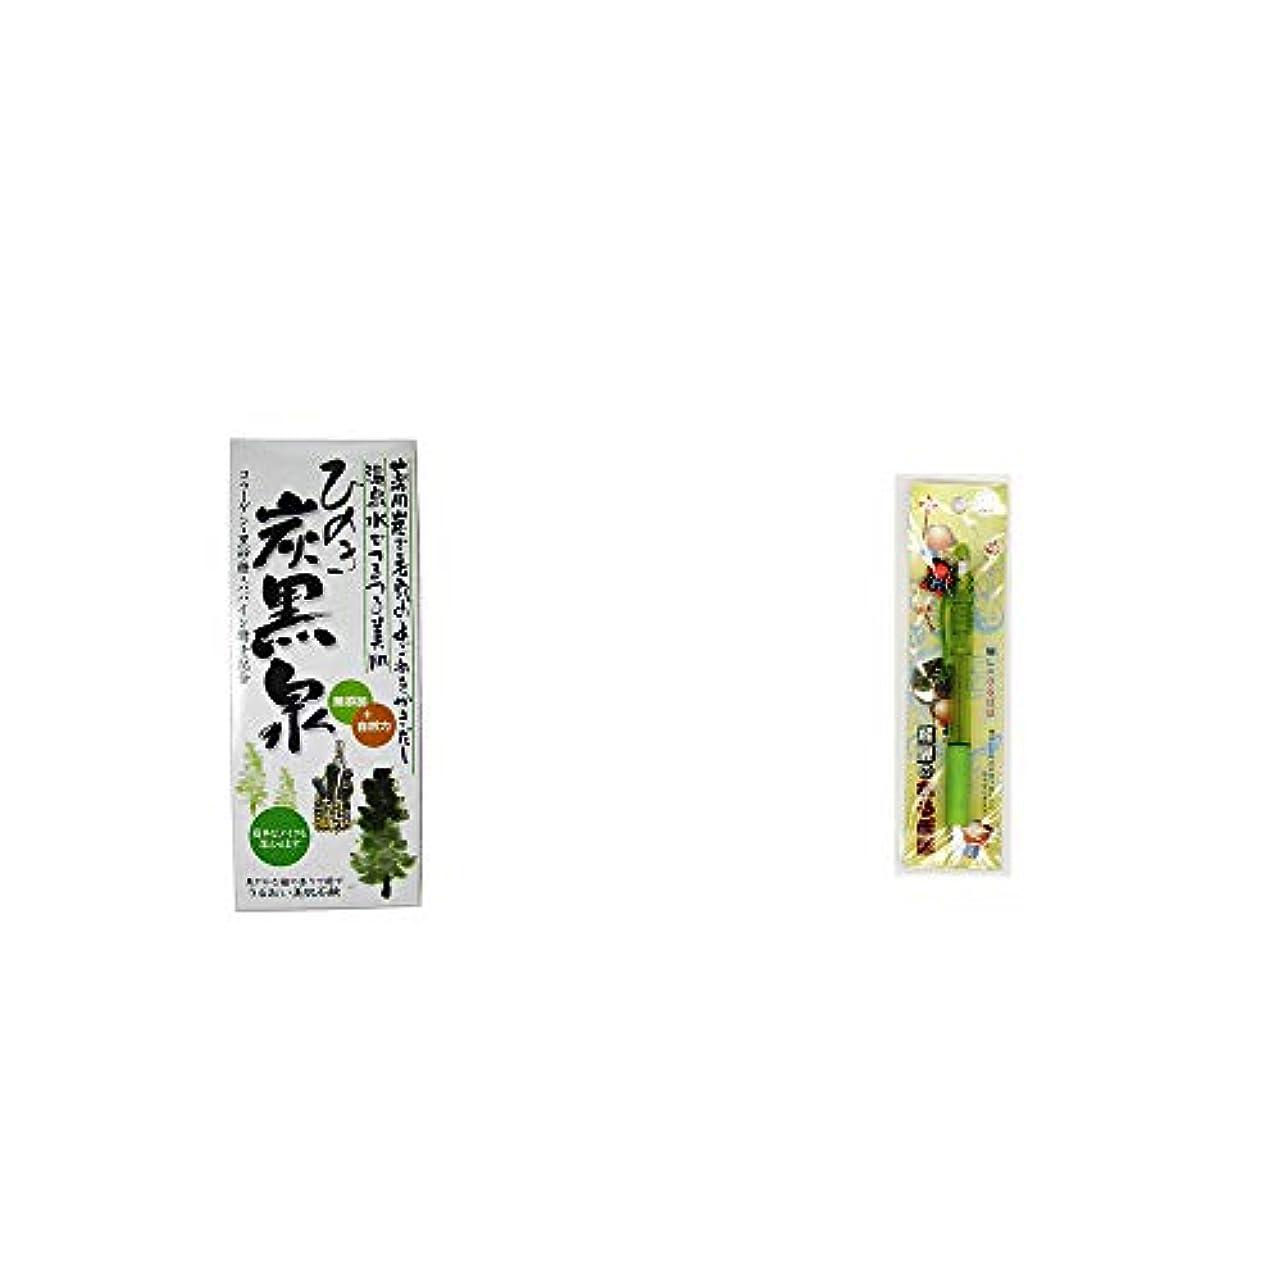 ゴミ路地十代[2点セット] ひのき炭黒泉 箱入り(75g×3)・さるぼぼ 癒しシャープペン 【グリーン】